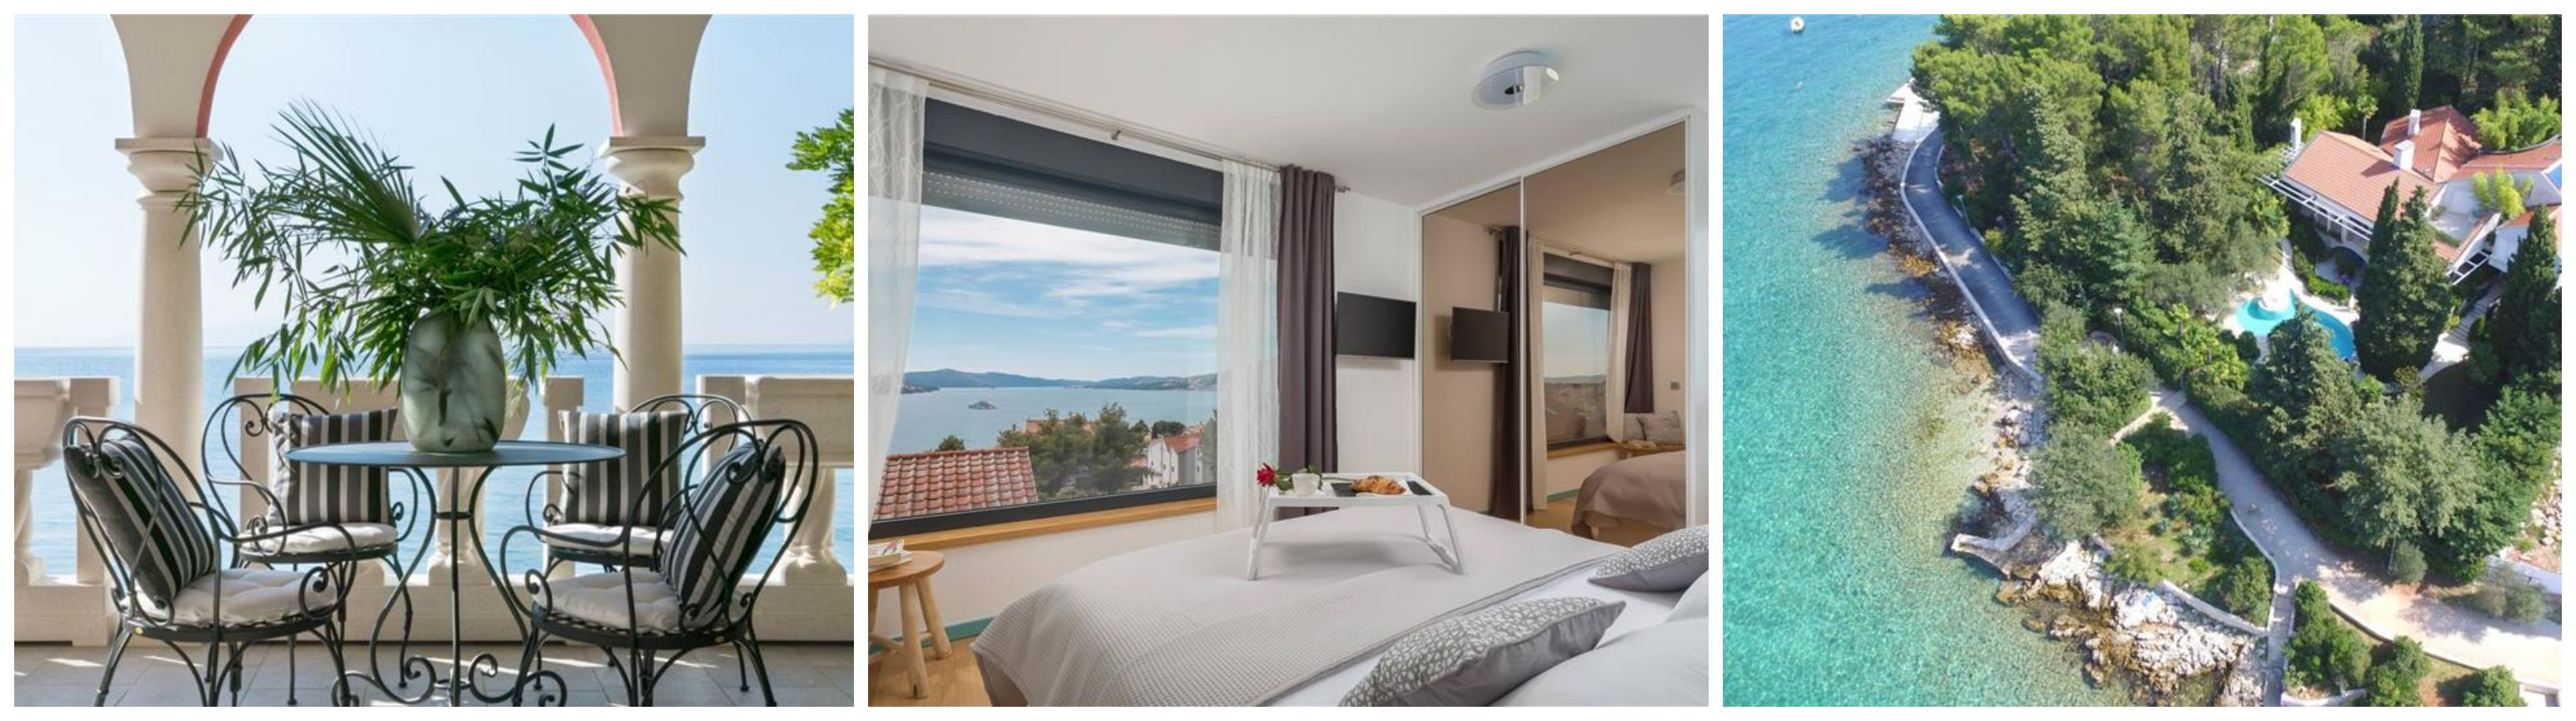 Croatian Villas Sea views